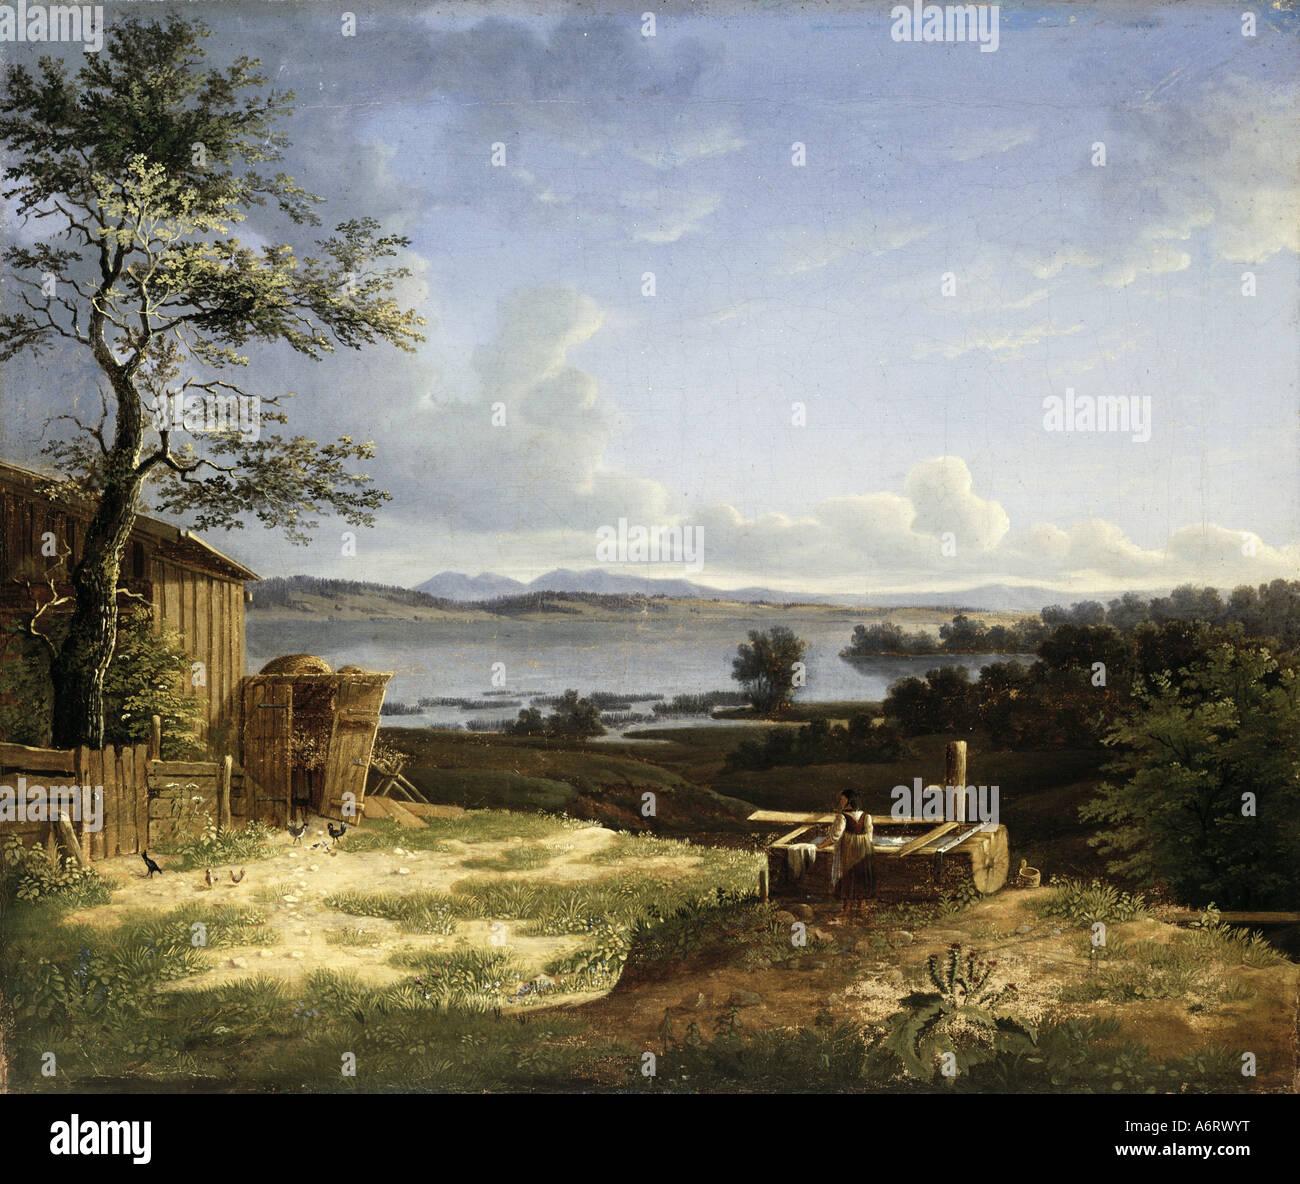 Bildende Kunst Romantik Malerei Landschaft An Den Osterseen